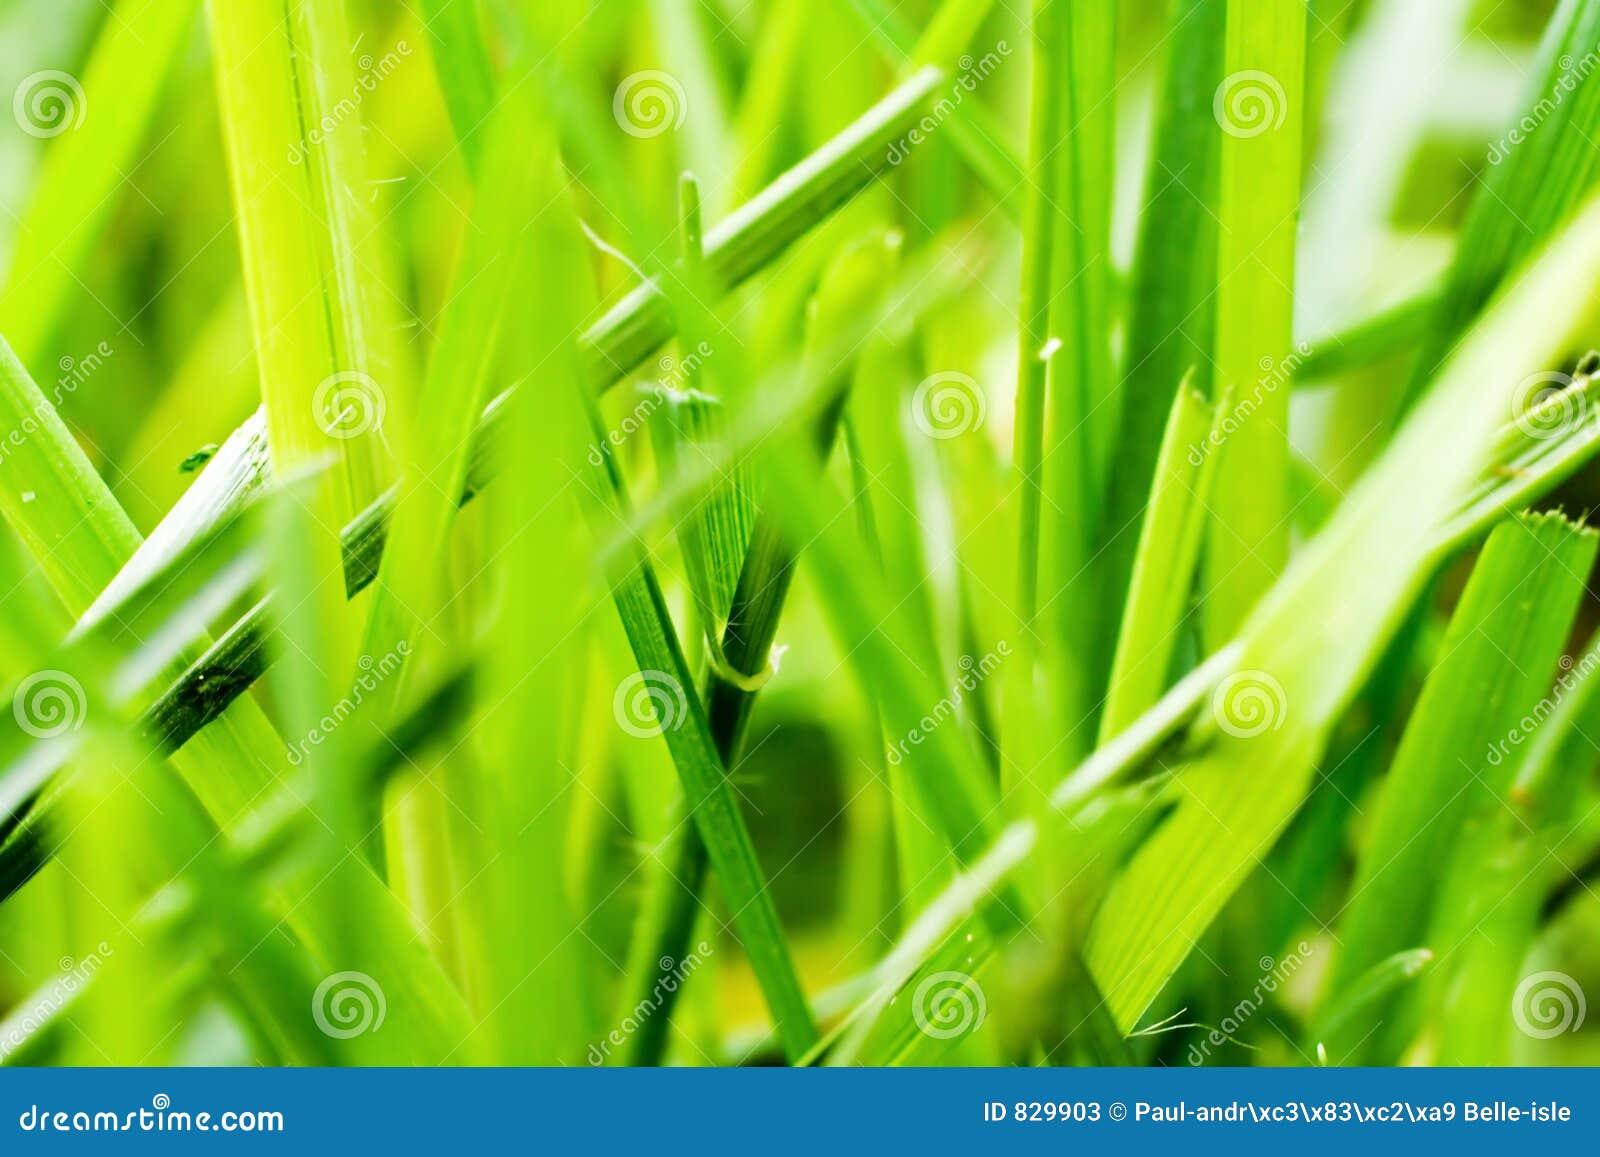 De macro van het gras